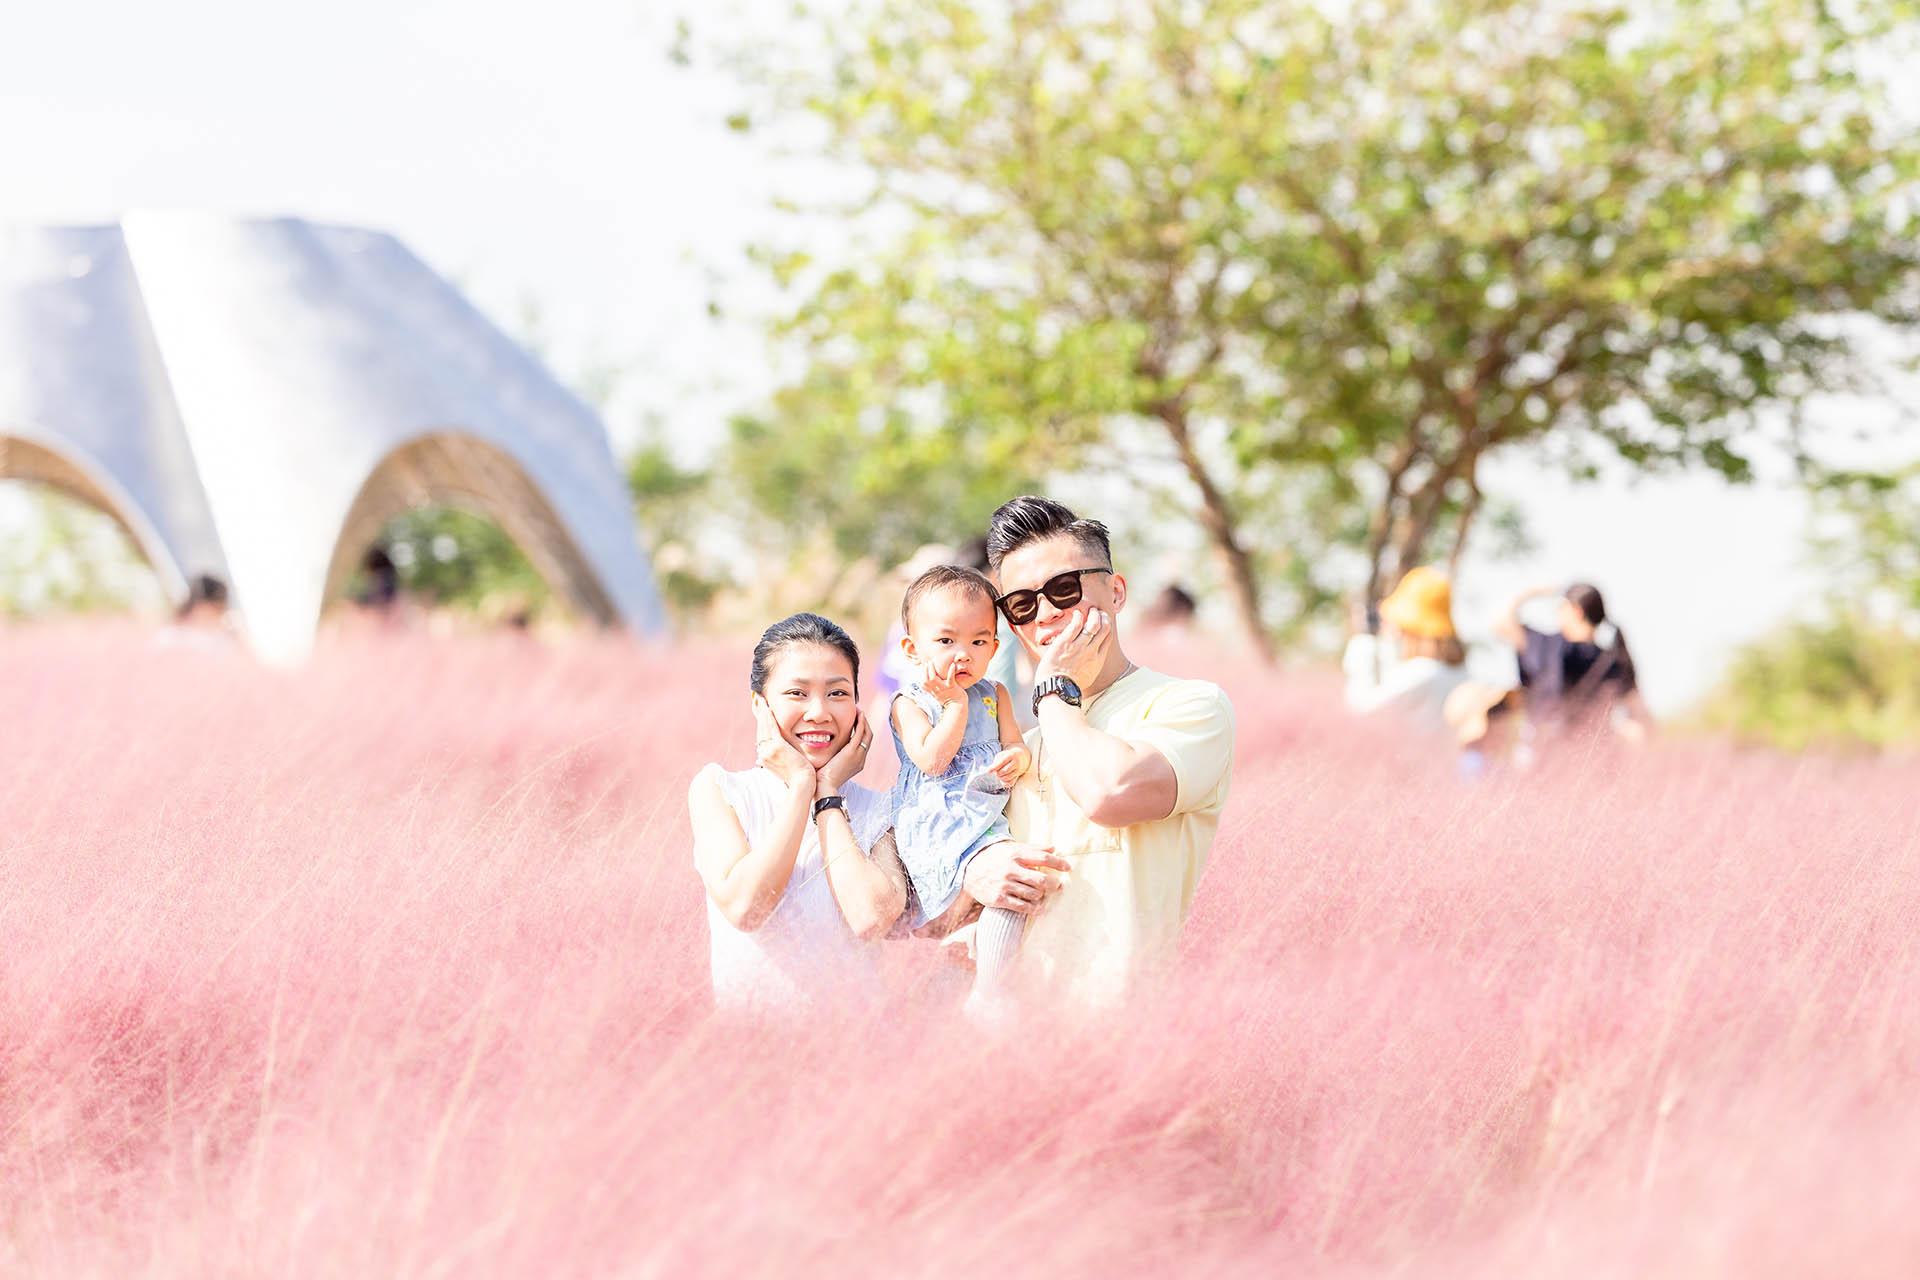 Pink Muhly Photoshoot